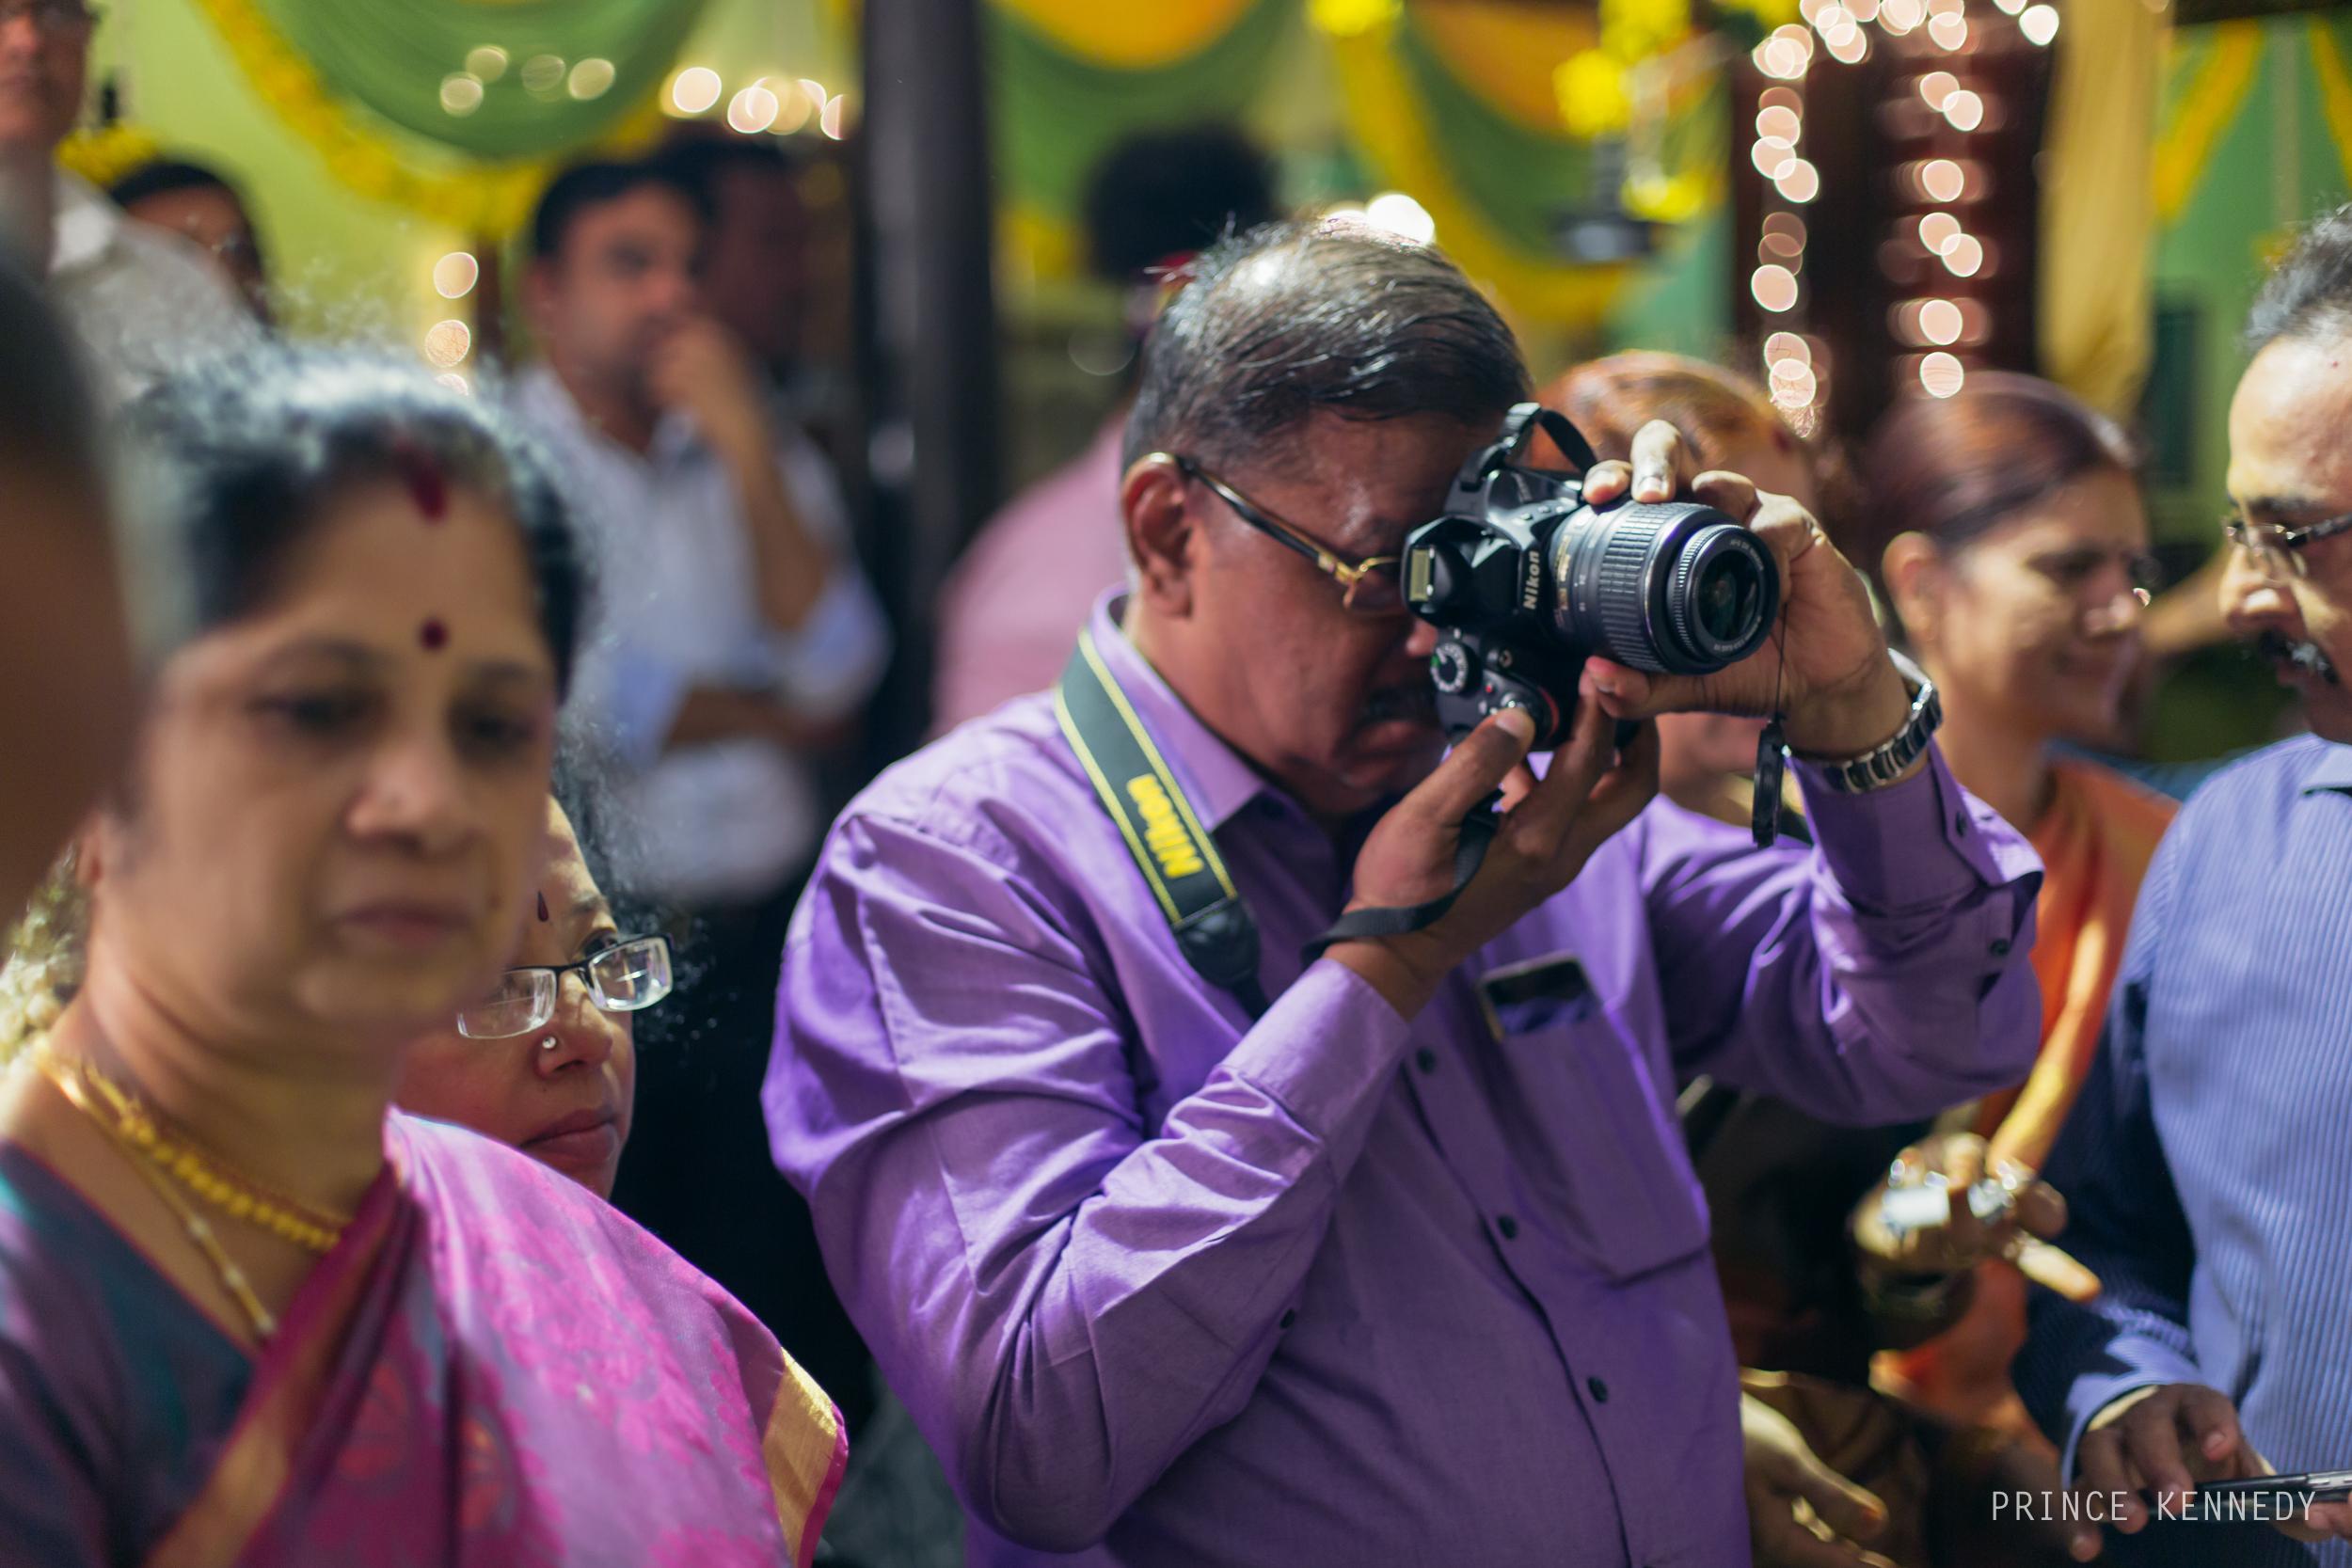 Engagement-Couple-Portrait-Portraiture-Wedding-Couple-Portrait-Chennai-Photographer-Candid-Photography-Destination-Best-Prince-Kennedy-Photography-239.jpg